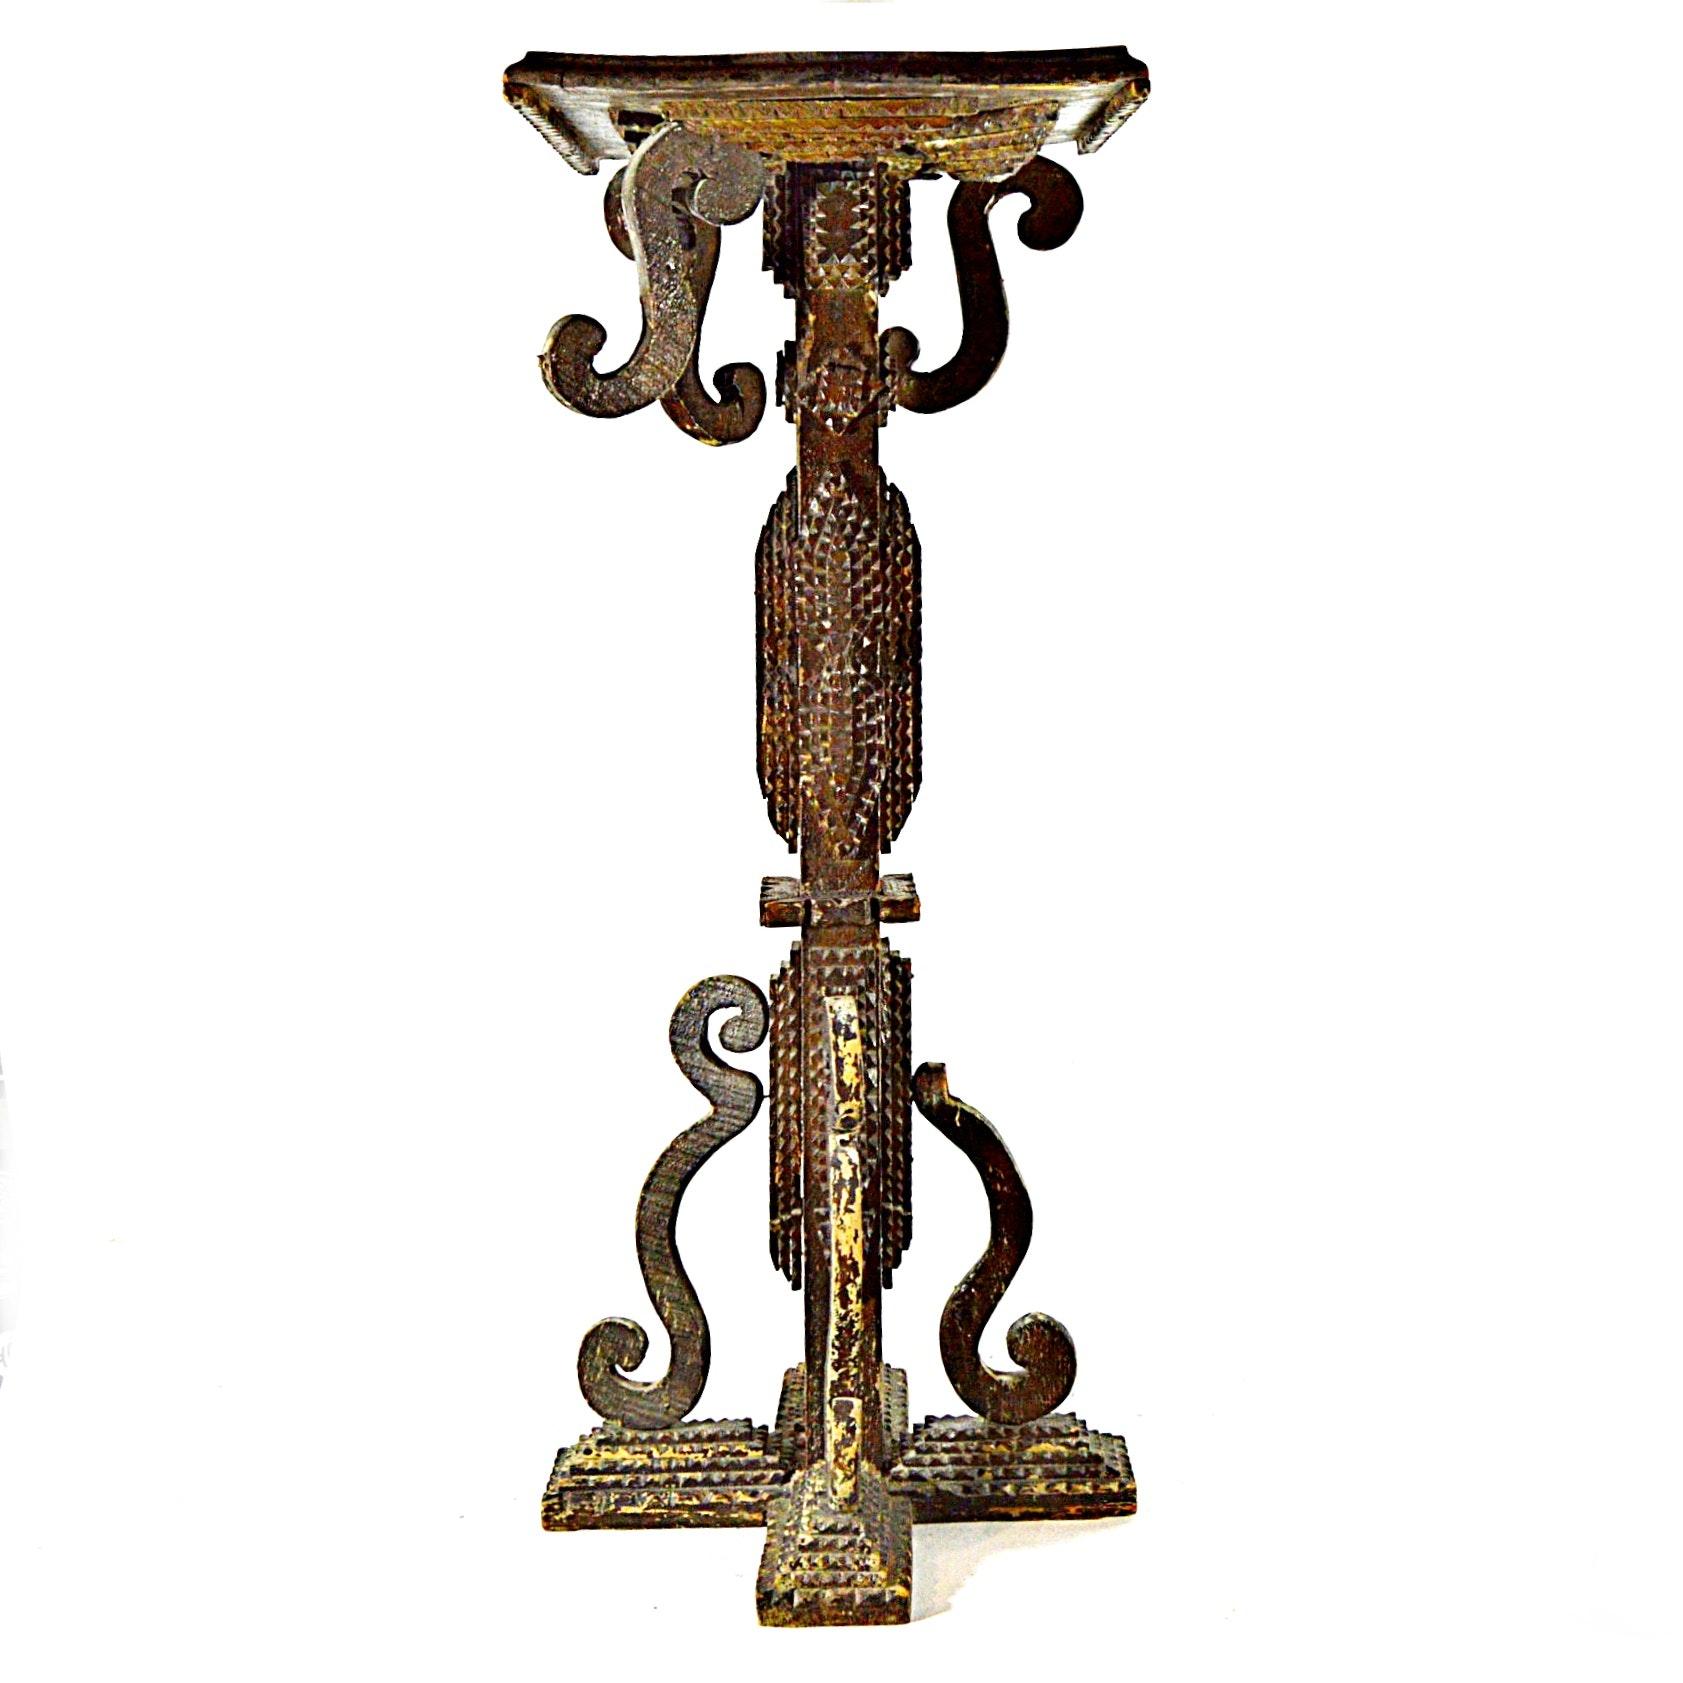 Vintage Tramp/Folk Art Pedestal